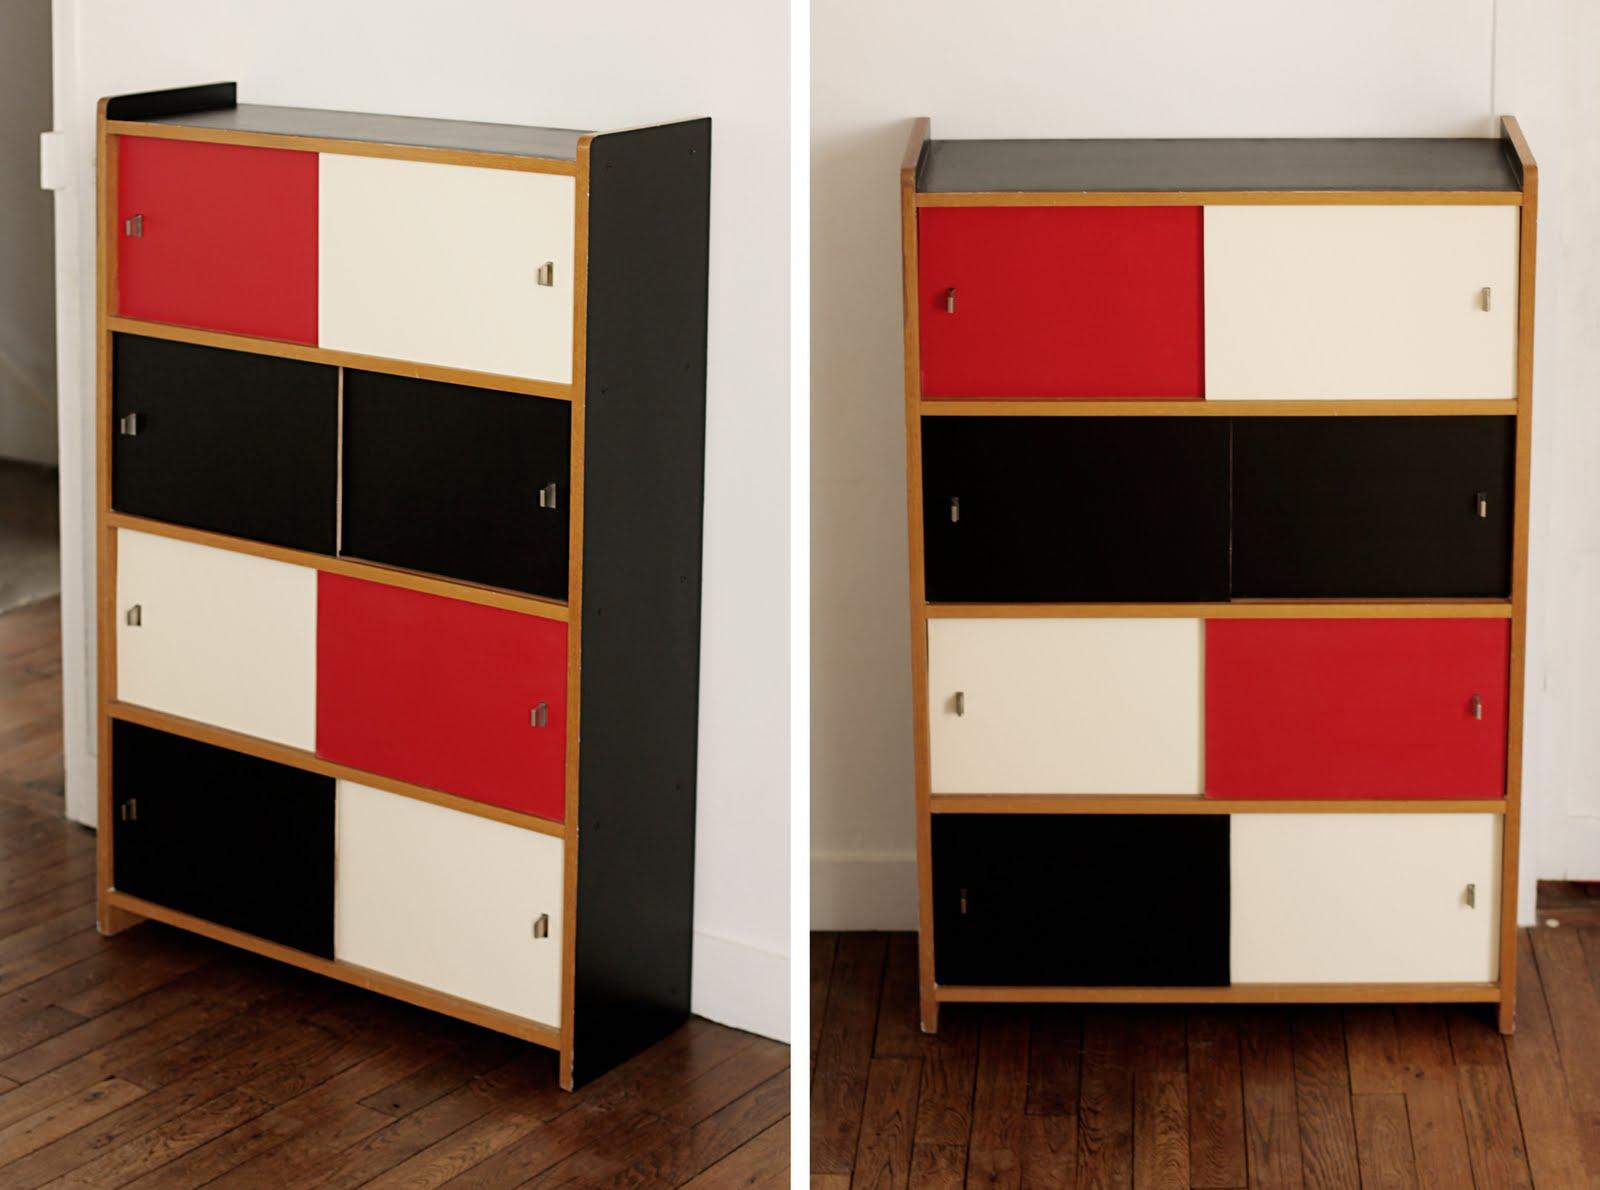 meuble 25 cm largeur amazing meuble tv largeur cm d. Black Bedroom Furniture Sets. Home Design Ideas